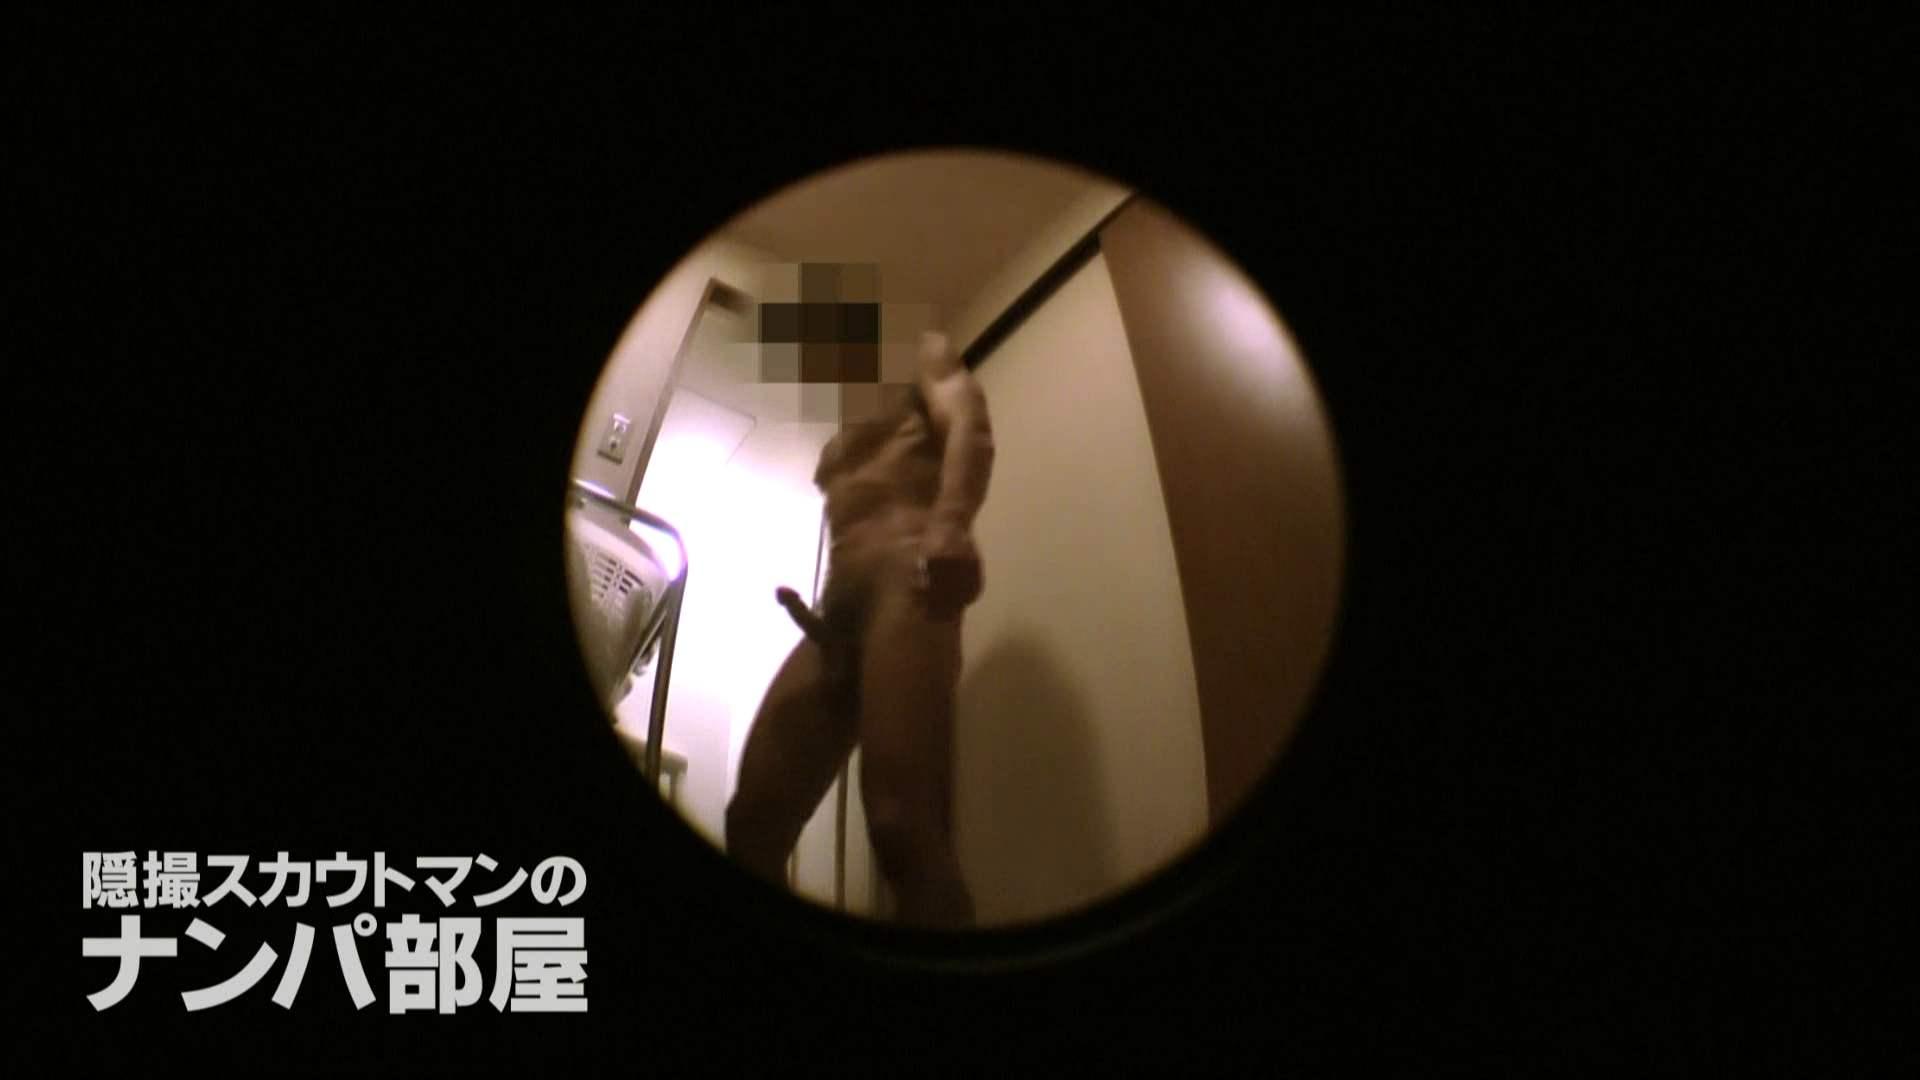 隠撮スカウトマンのナンパ部屋~風俗デビュー前のつまみ食い~ siivol.4 色っぽいOL達 オメコ動画キャプチャ 74pic 27